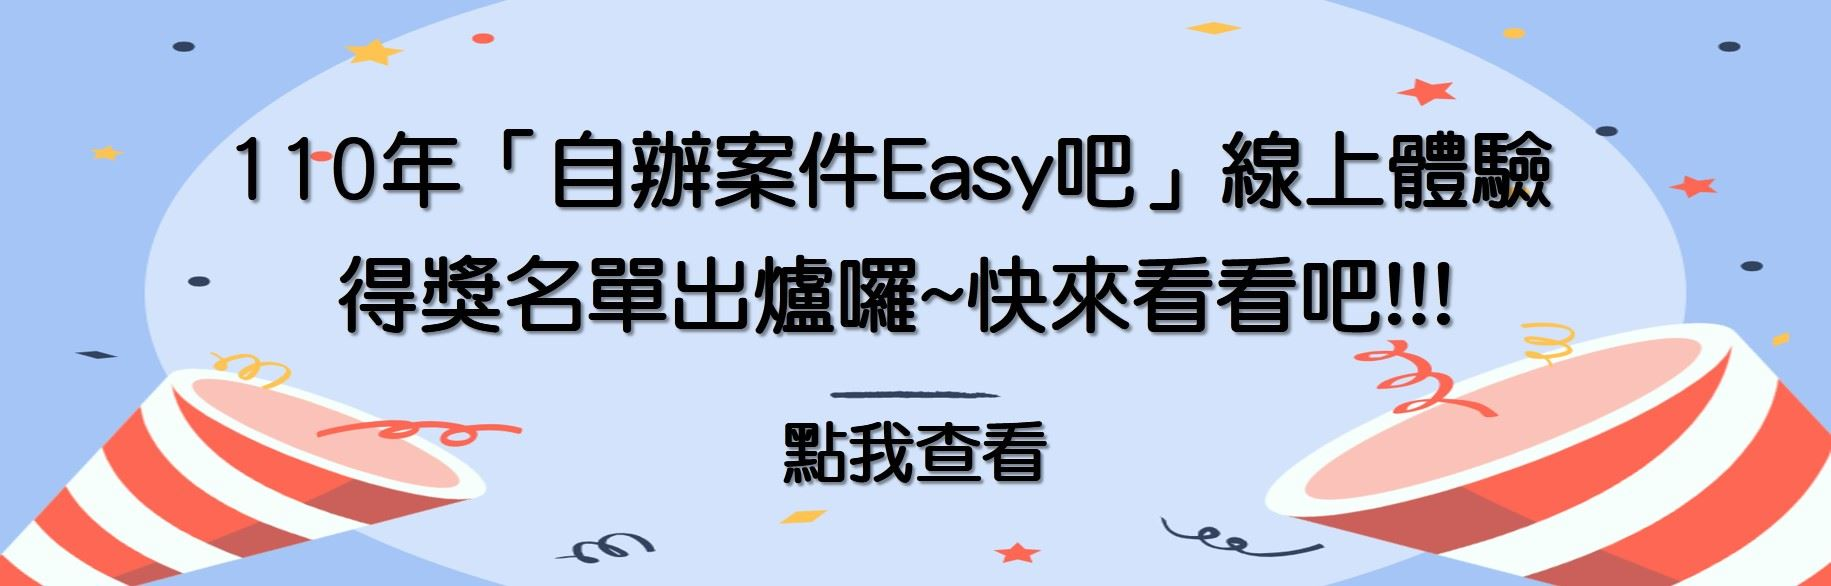 110年「自辦案件Easy吧」線上體驗得獎名單_圖示